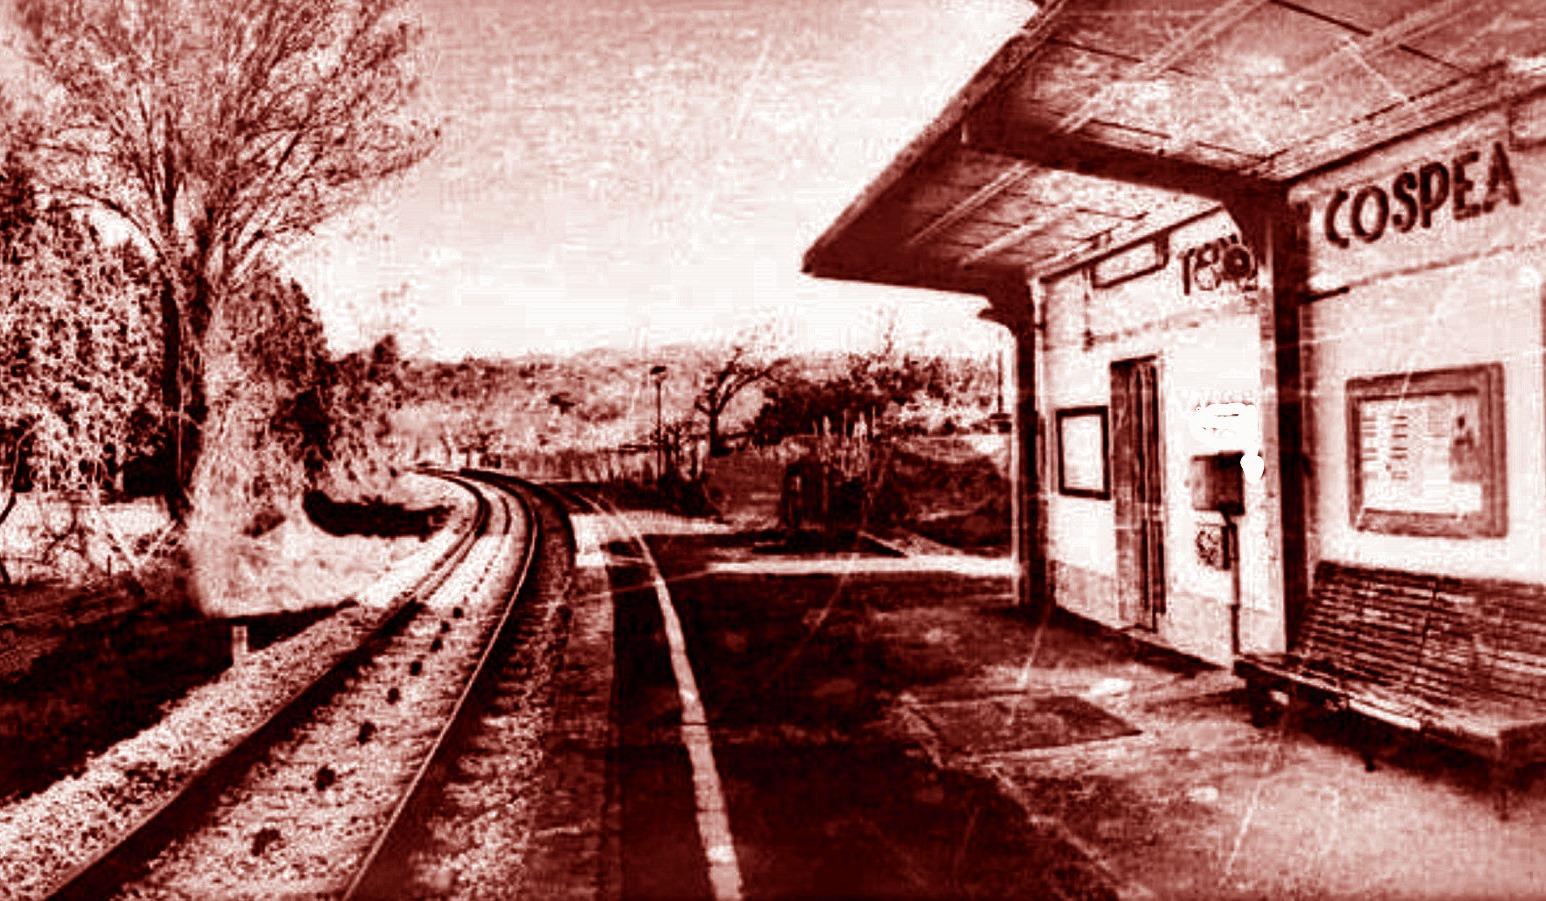 La stazione di Terni Cospea